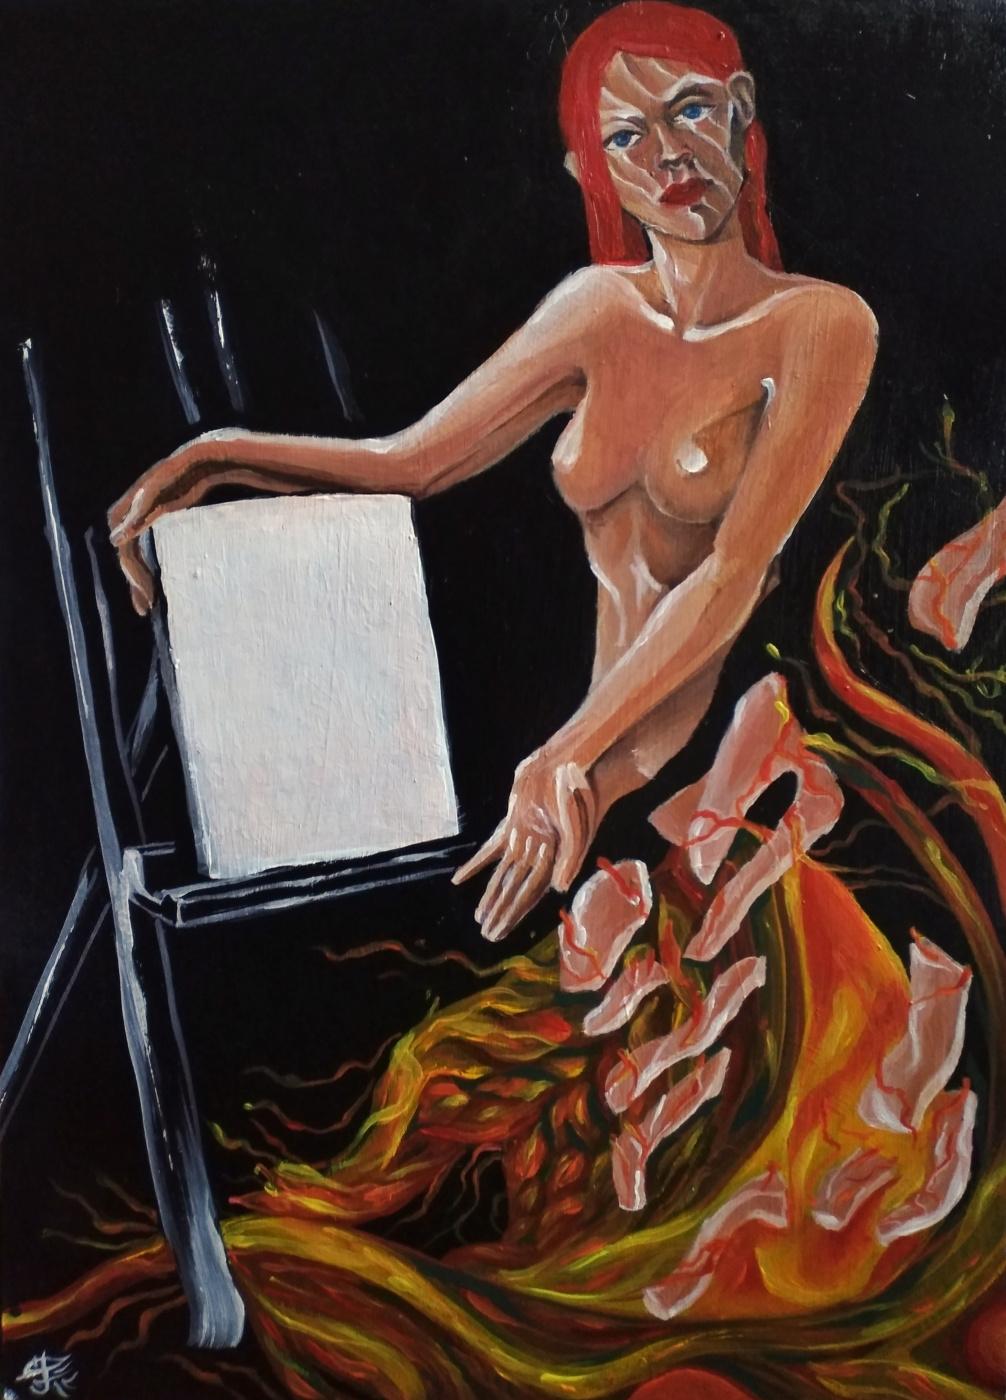 Christina Kovalchuk. Catalyst: Portrait of a Girl on Fire